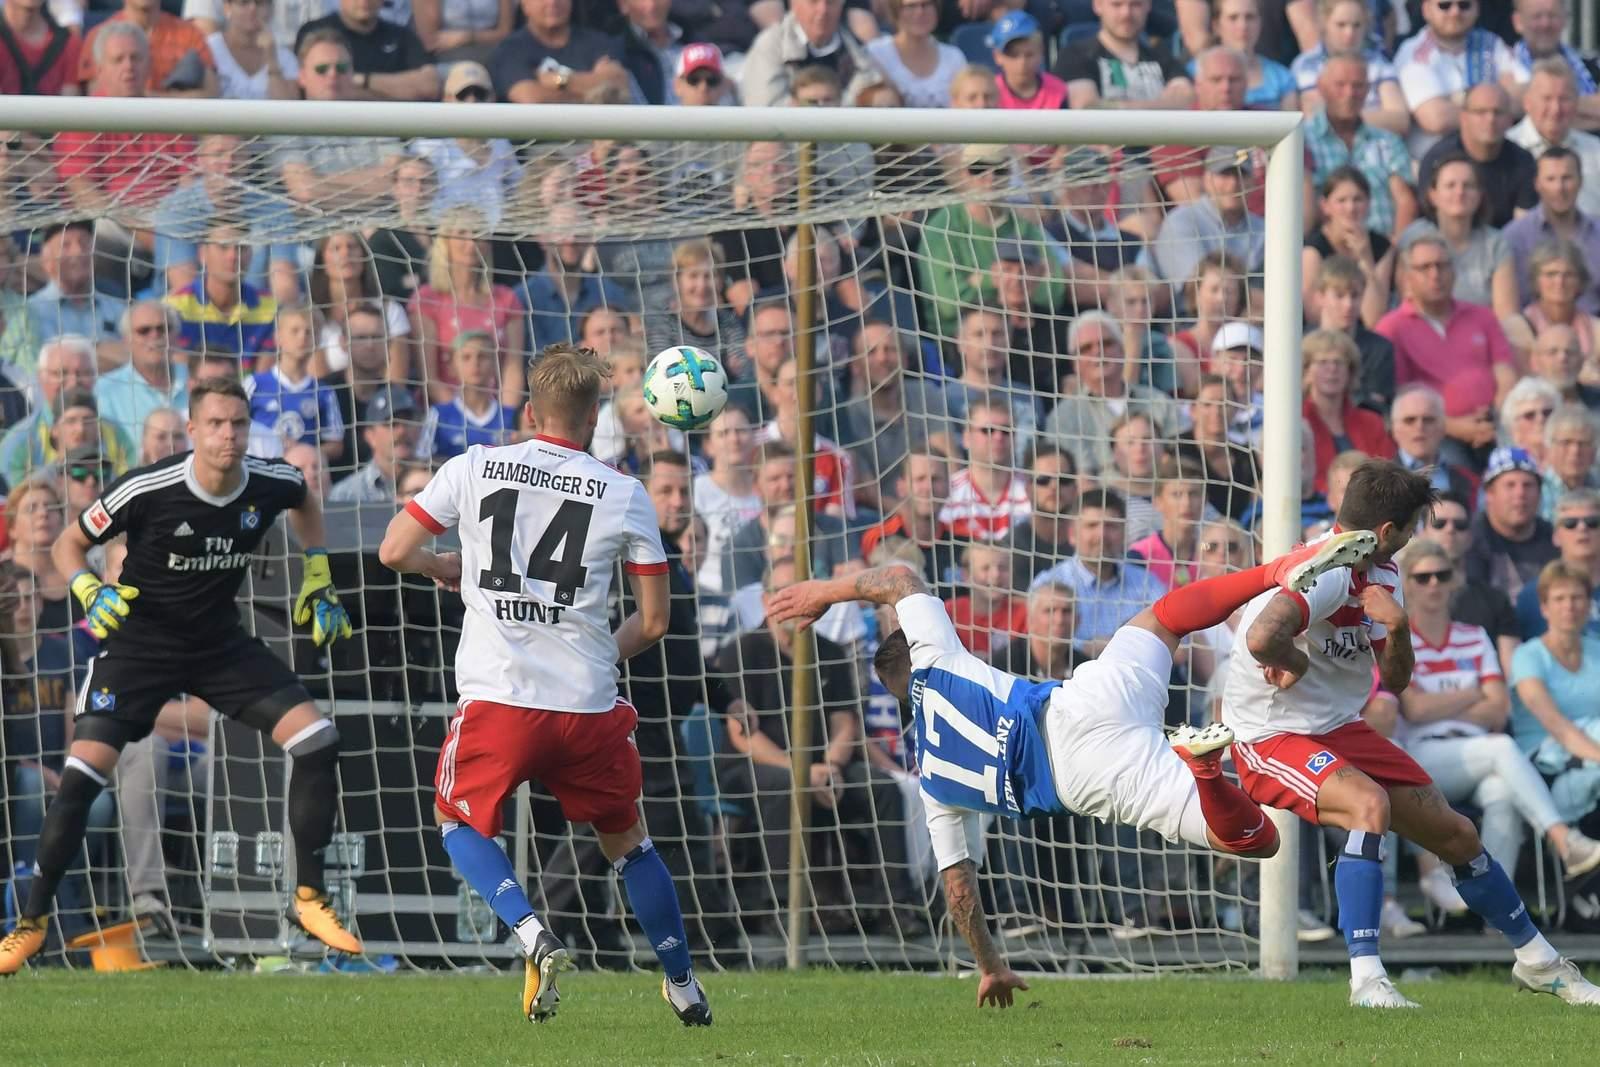 Trifft Lewerenz wieder gegen Hamburg? Jetzt auf HSV gegen Kiel wetten